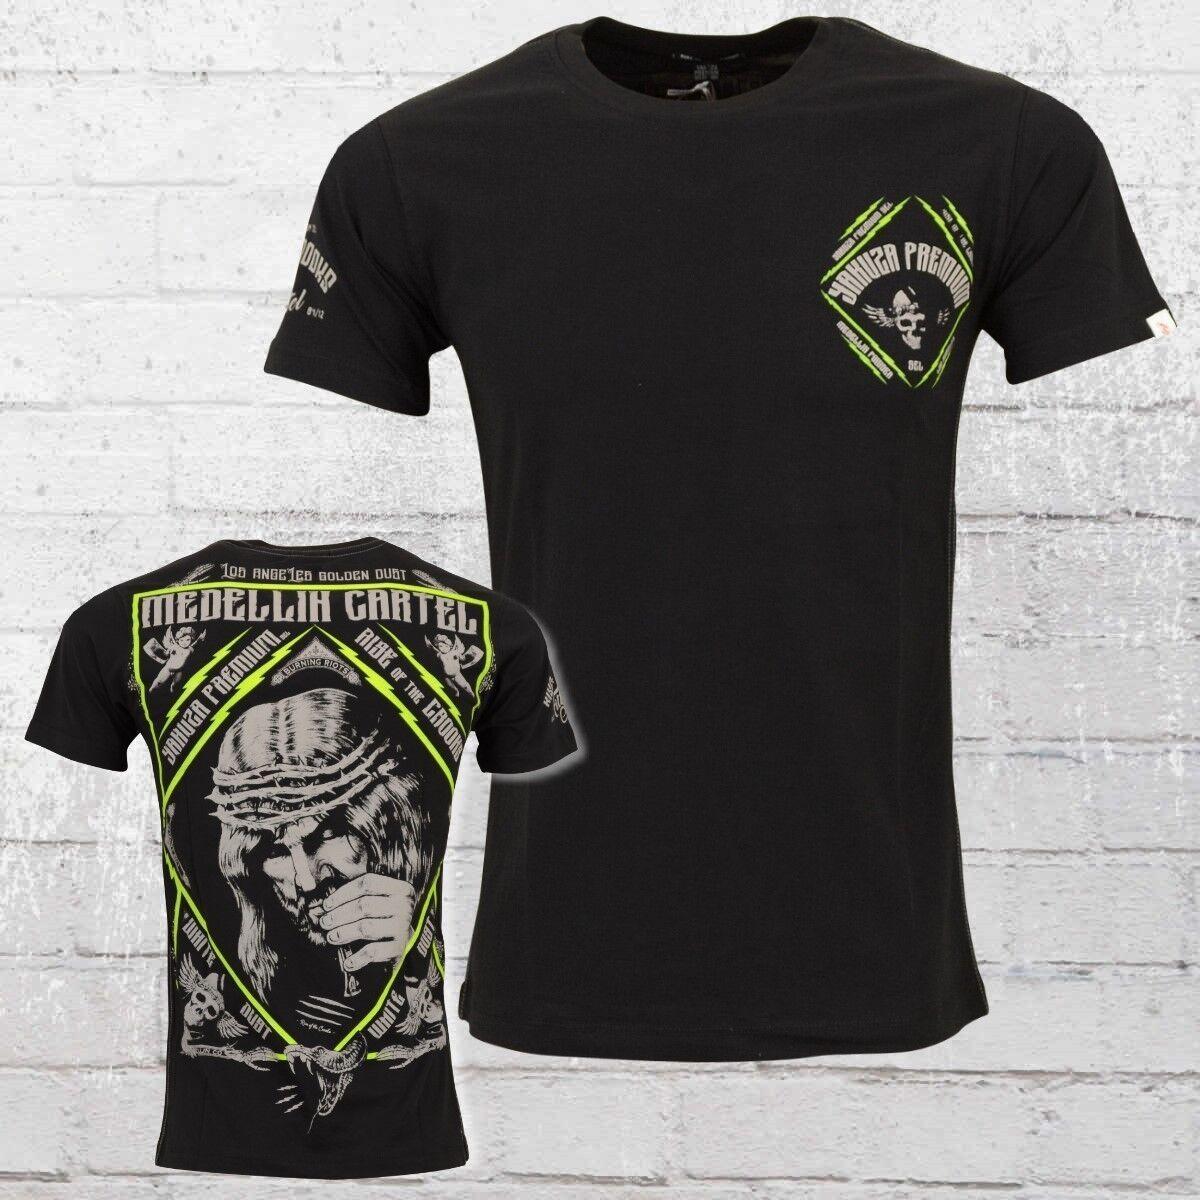 Yakuza Premium Herren T-Shirt Jesus Snuff schwarz Männer Tshirt 2513 | Zürich  | Won hoch geschätzt und weithin vertraut im in- und Ausland vertraut  | Elegante und robuste Verpackung